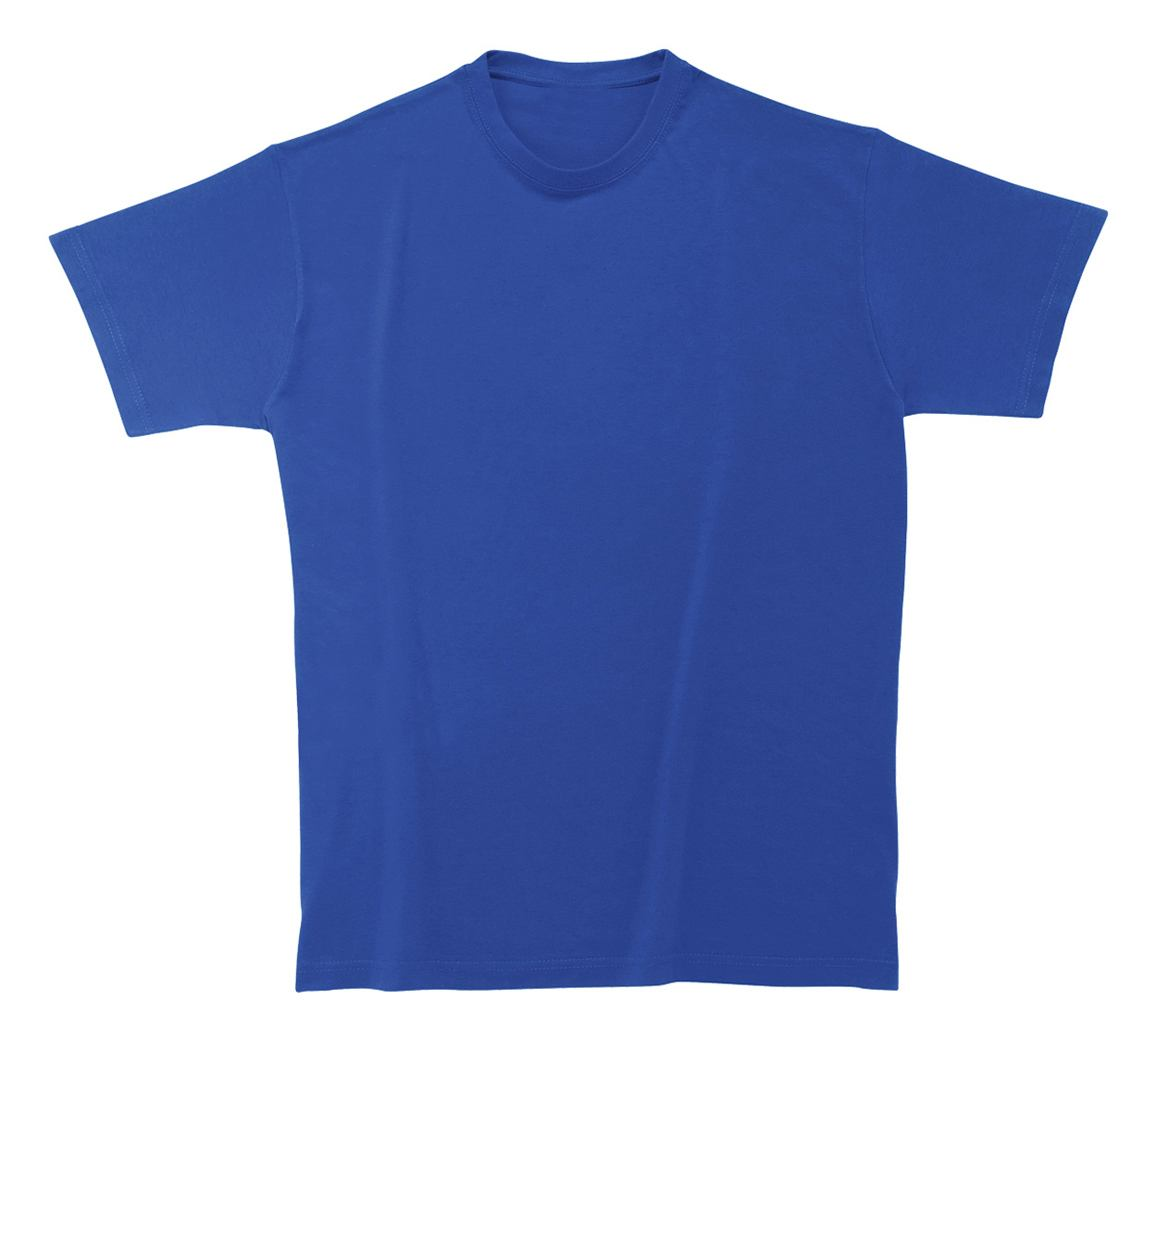 Heavy Cotton tričko bavlna, pracovní oděv pro dospělé